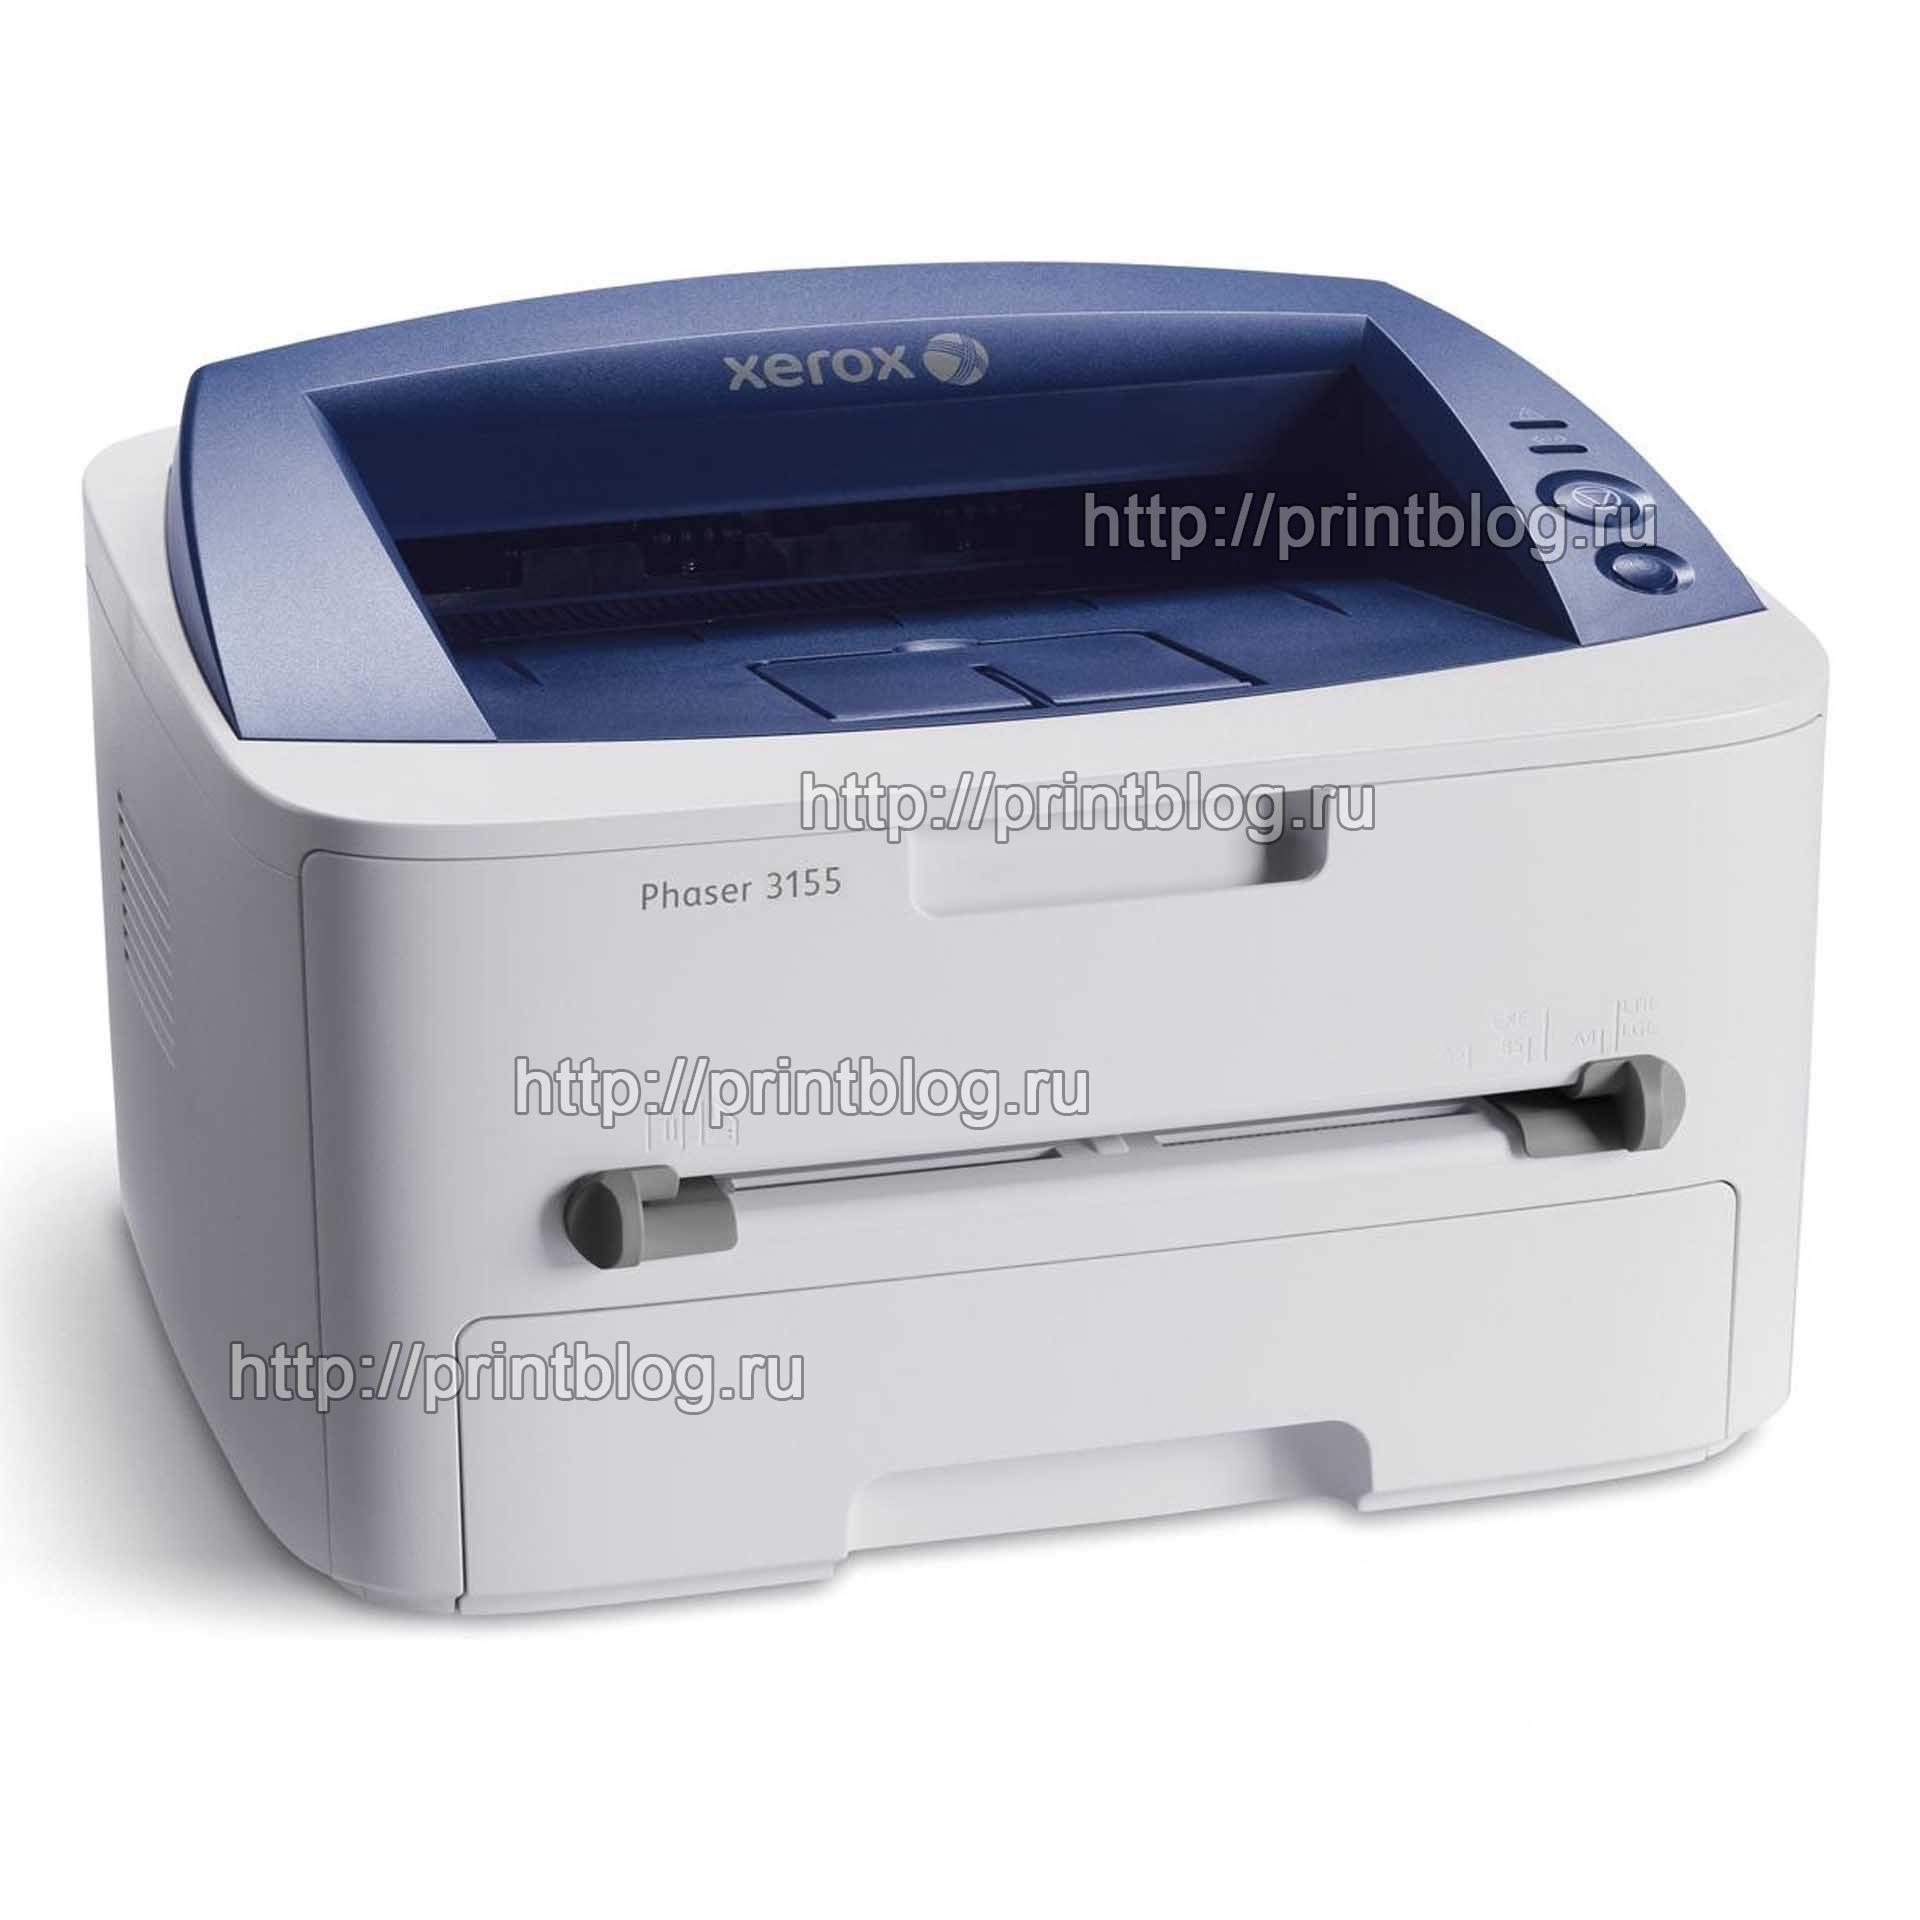 Прошивка Xerox phaser 3155 для работы без чипов